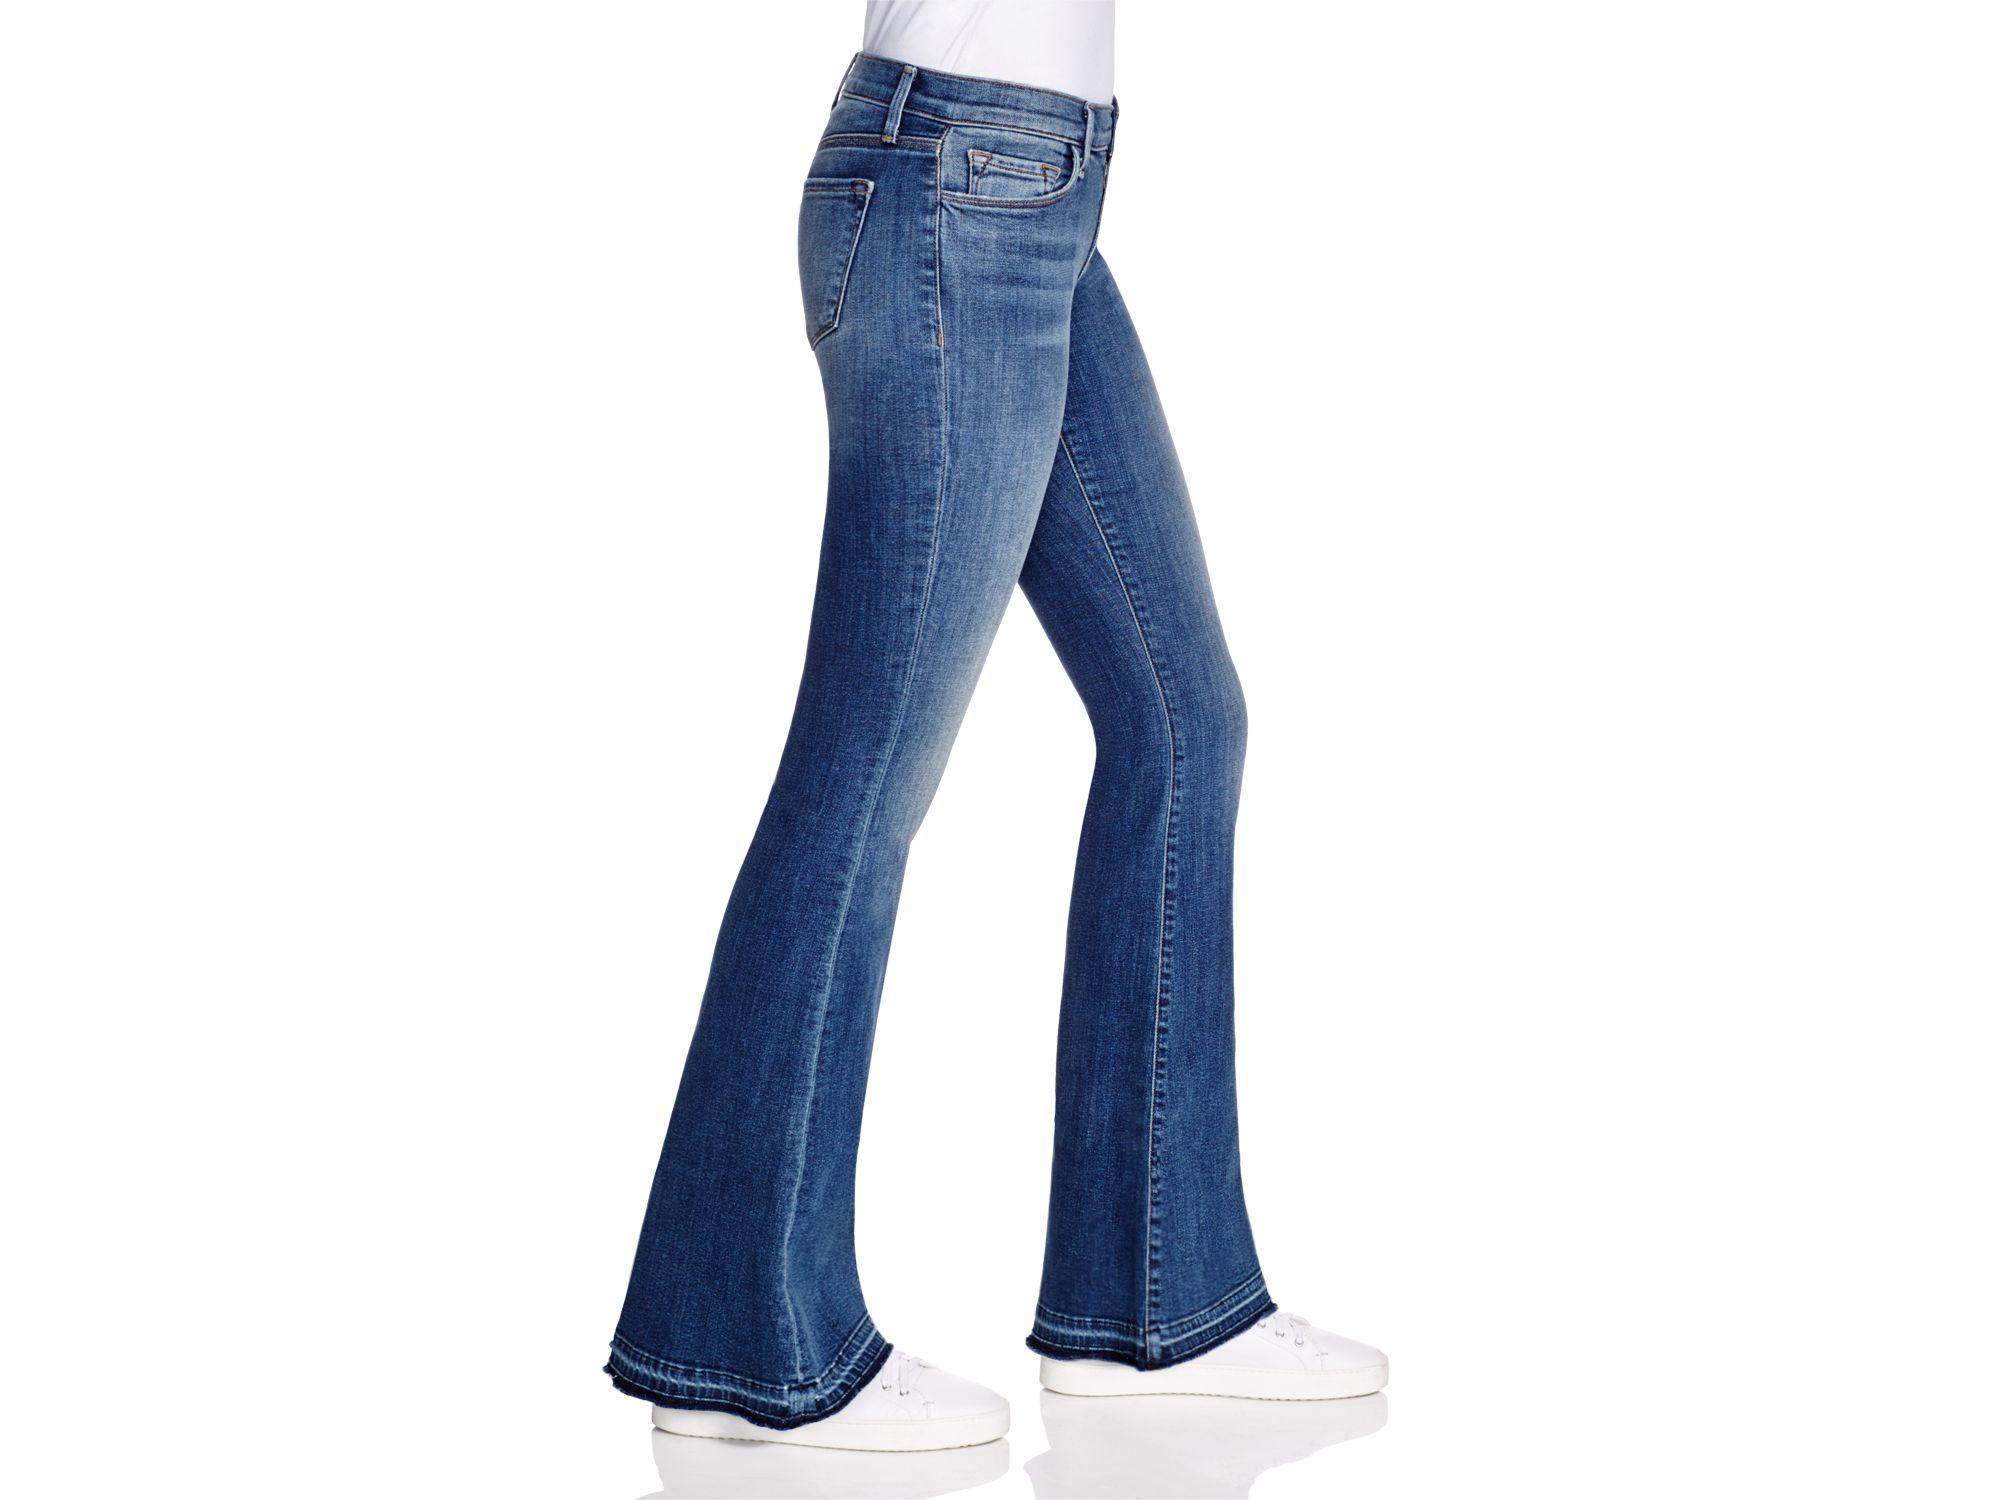 J brand Sneaker Flare Jeans In Ashbury in Blue | Lyst